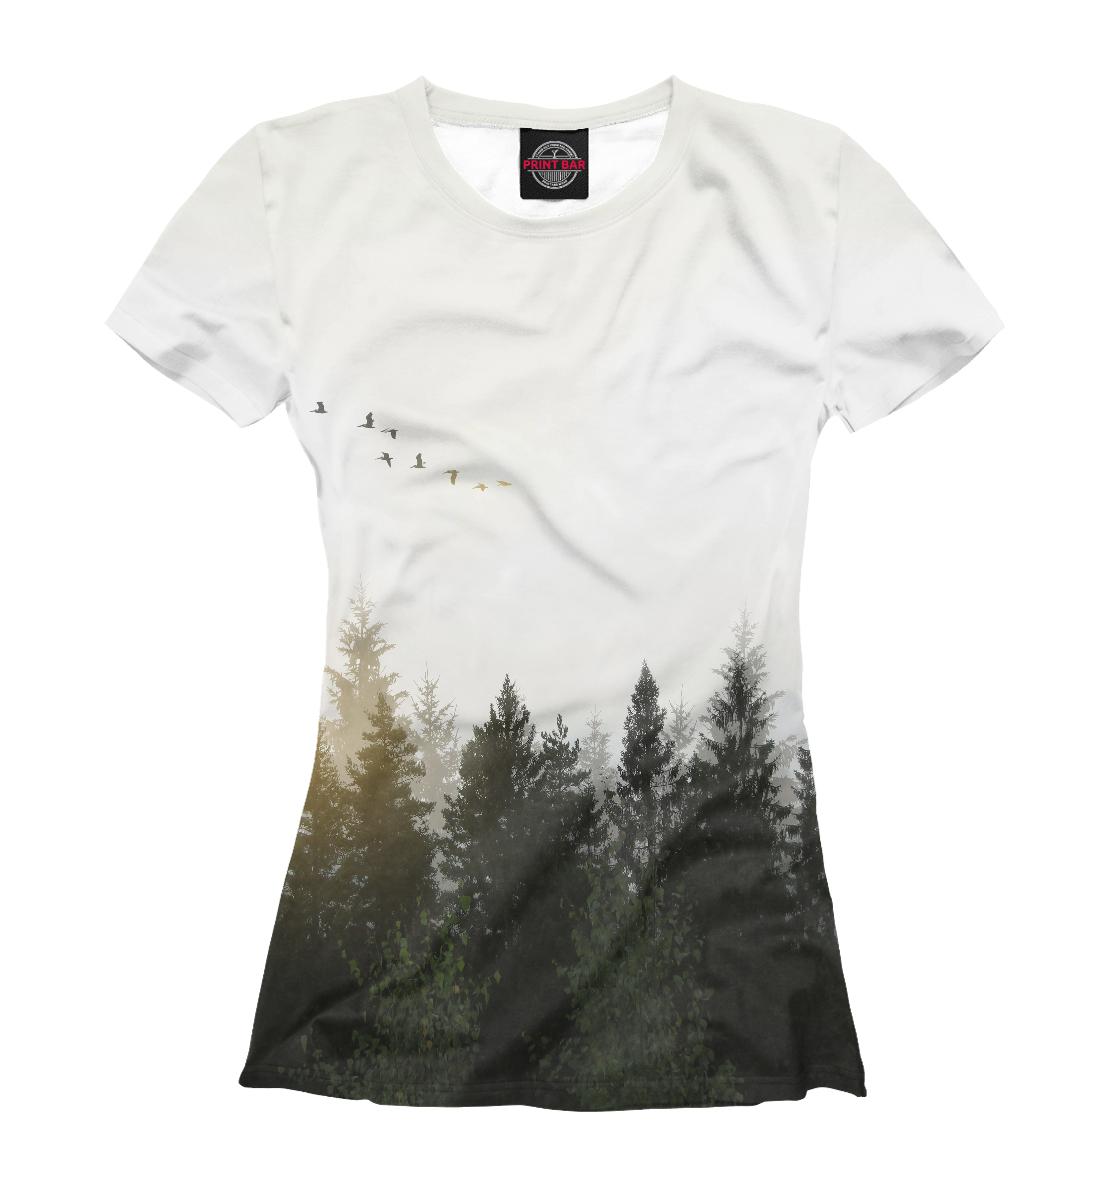 Купить Лесной пейзаж, Printbar, Футболки, PEY-328282-fut-1